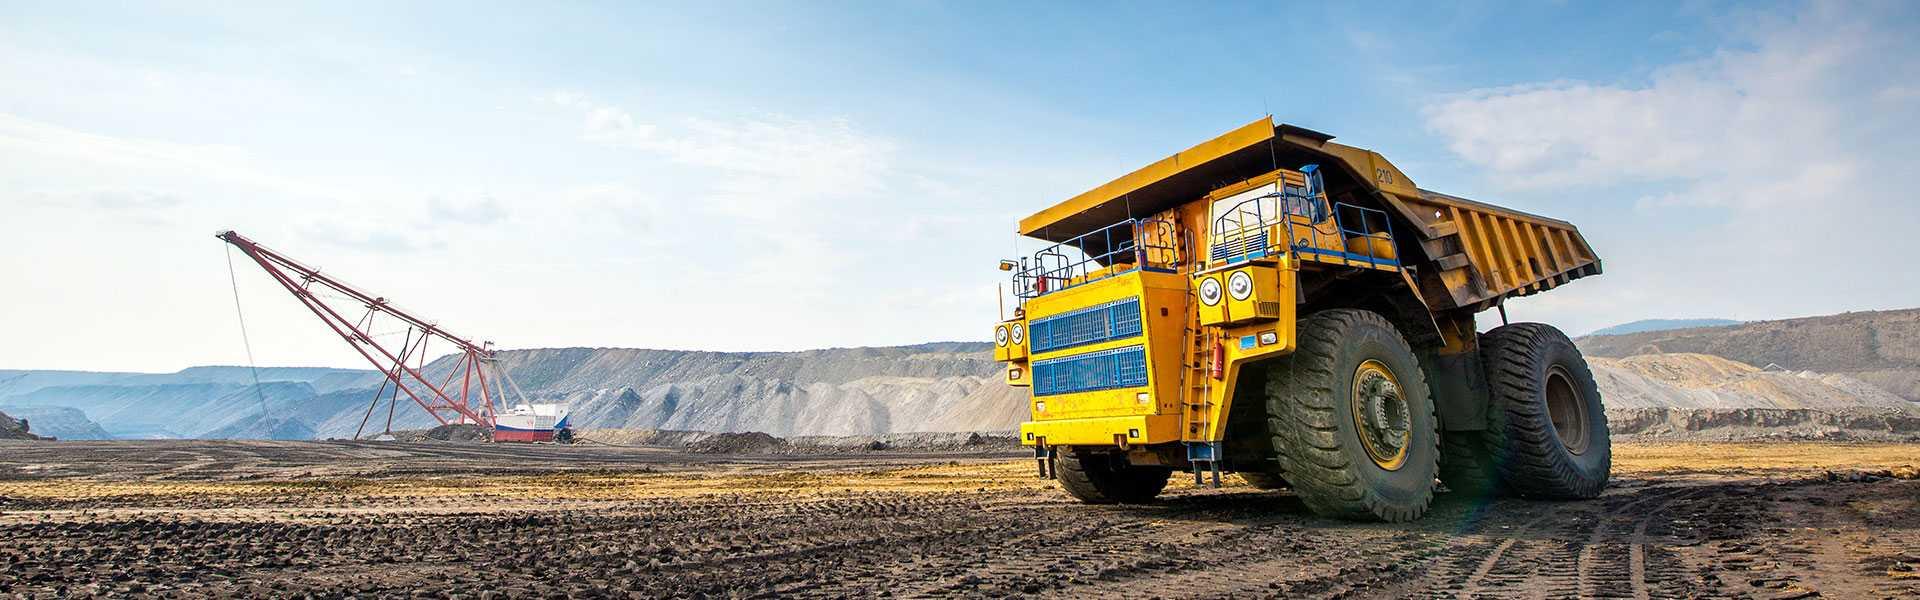 Accruent - Industries - Metals & Mining - Hero